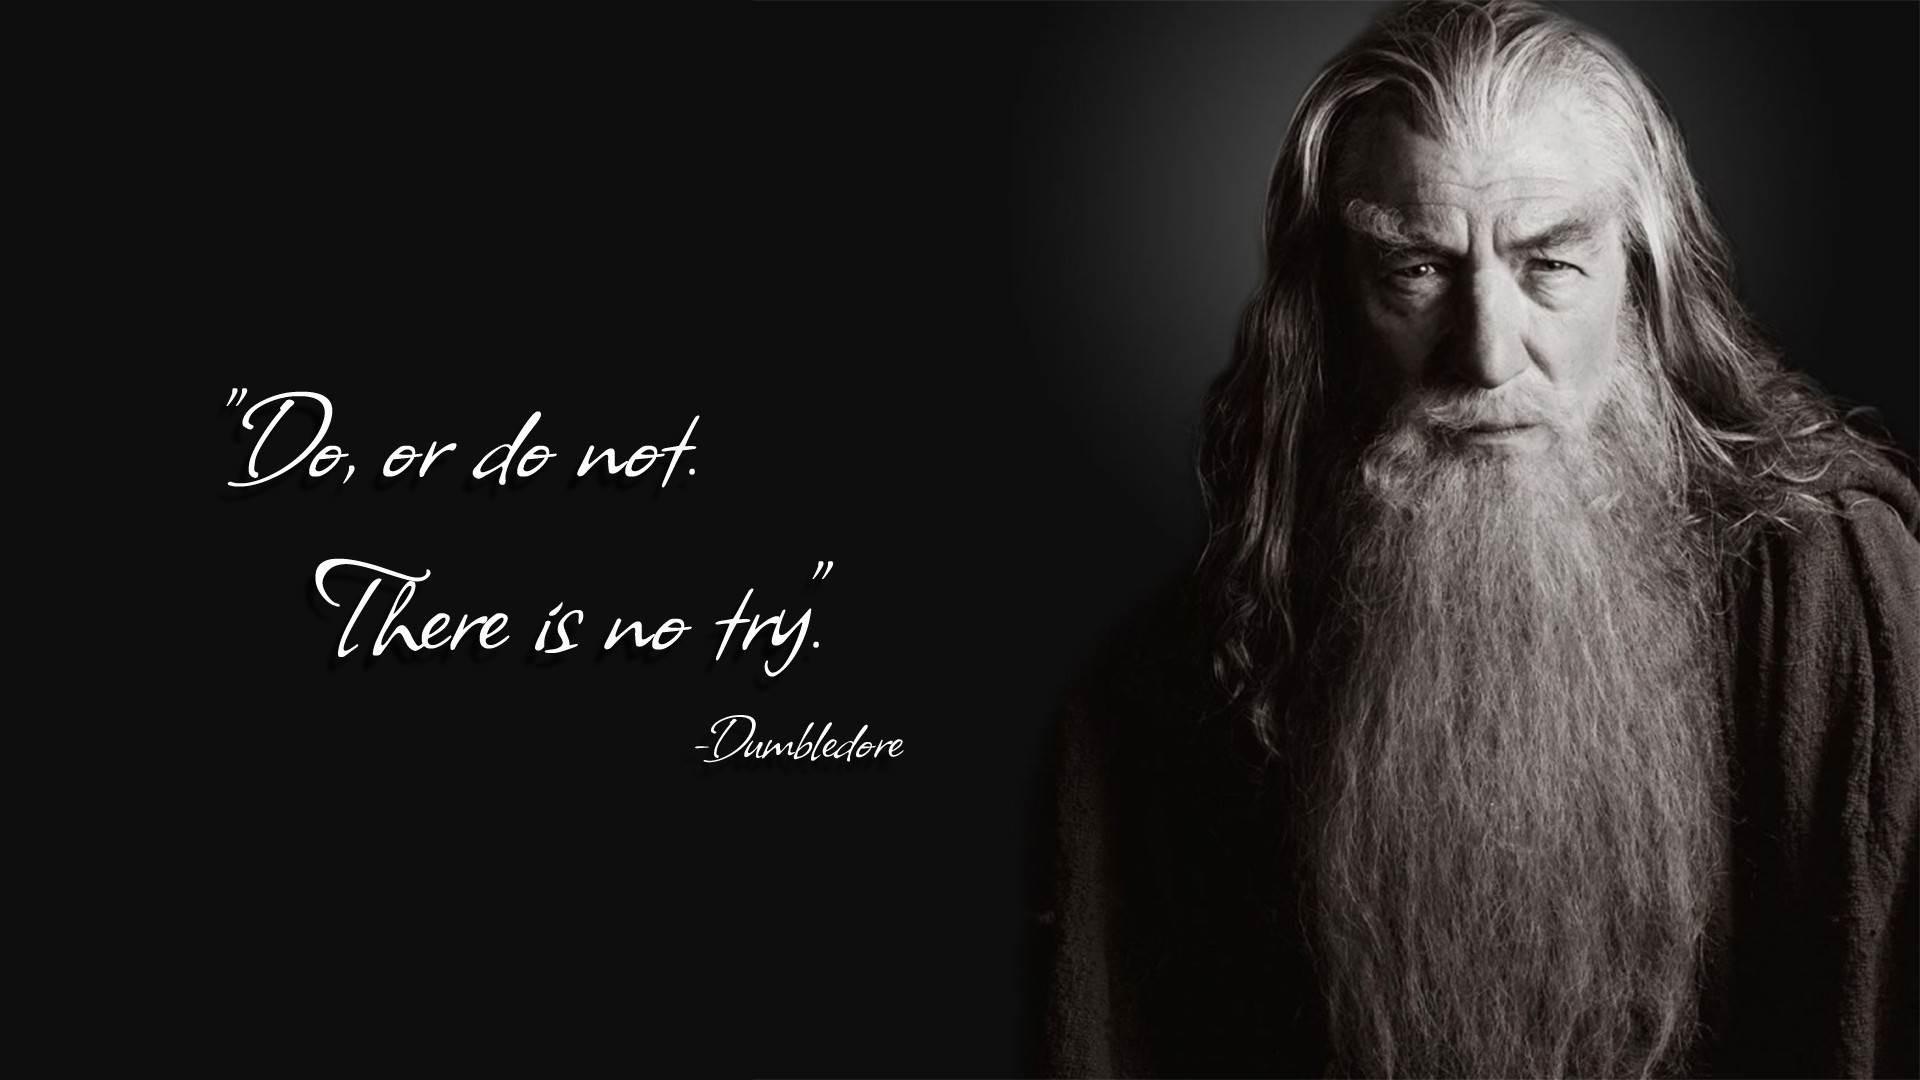 Most Inspiring Wallpaper Harry Potter Tablet - 414323-large-harry-potter-desktop-backgrounds-1920x1080-tablet  Picture_605219.jpg